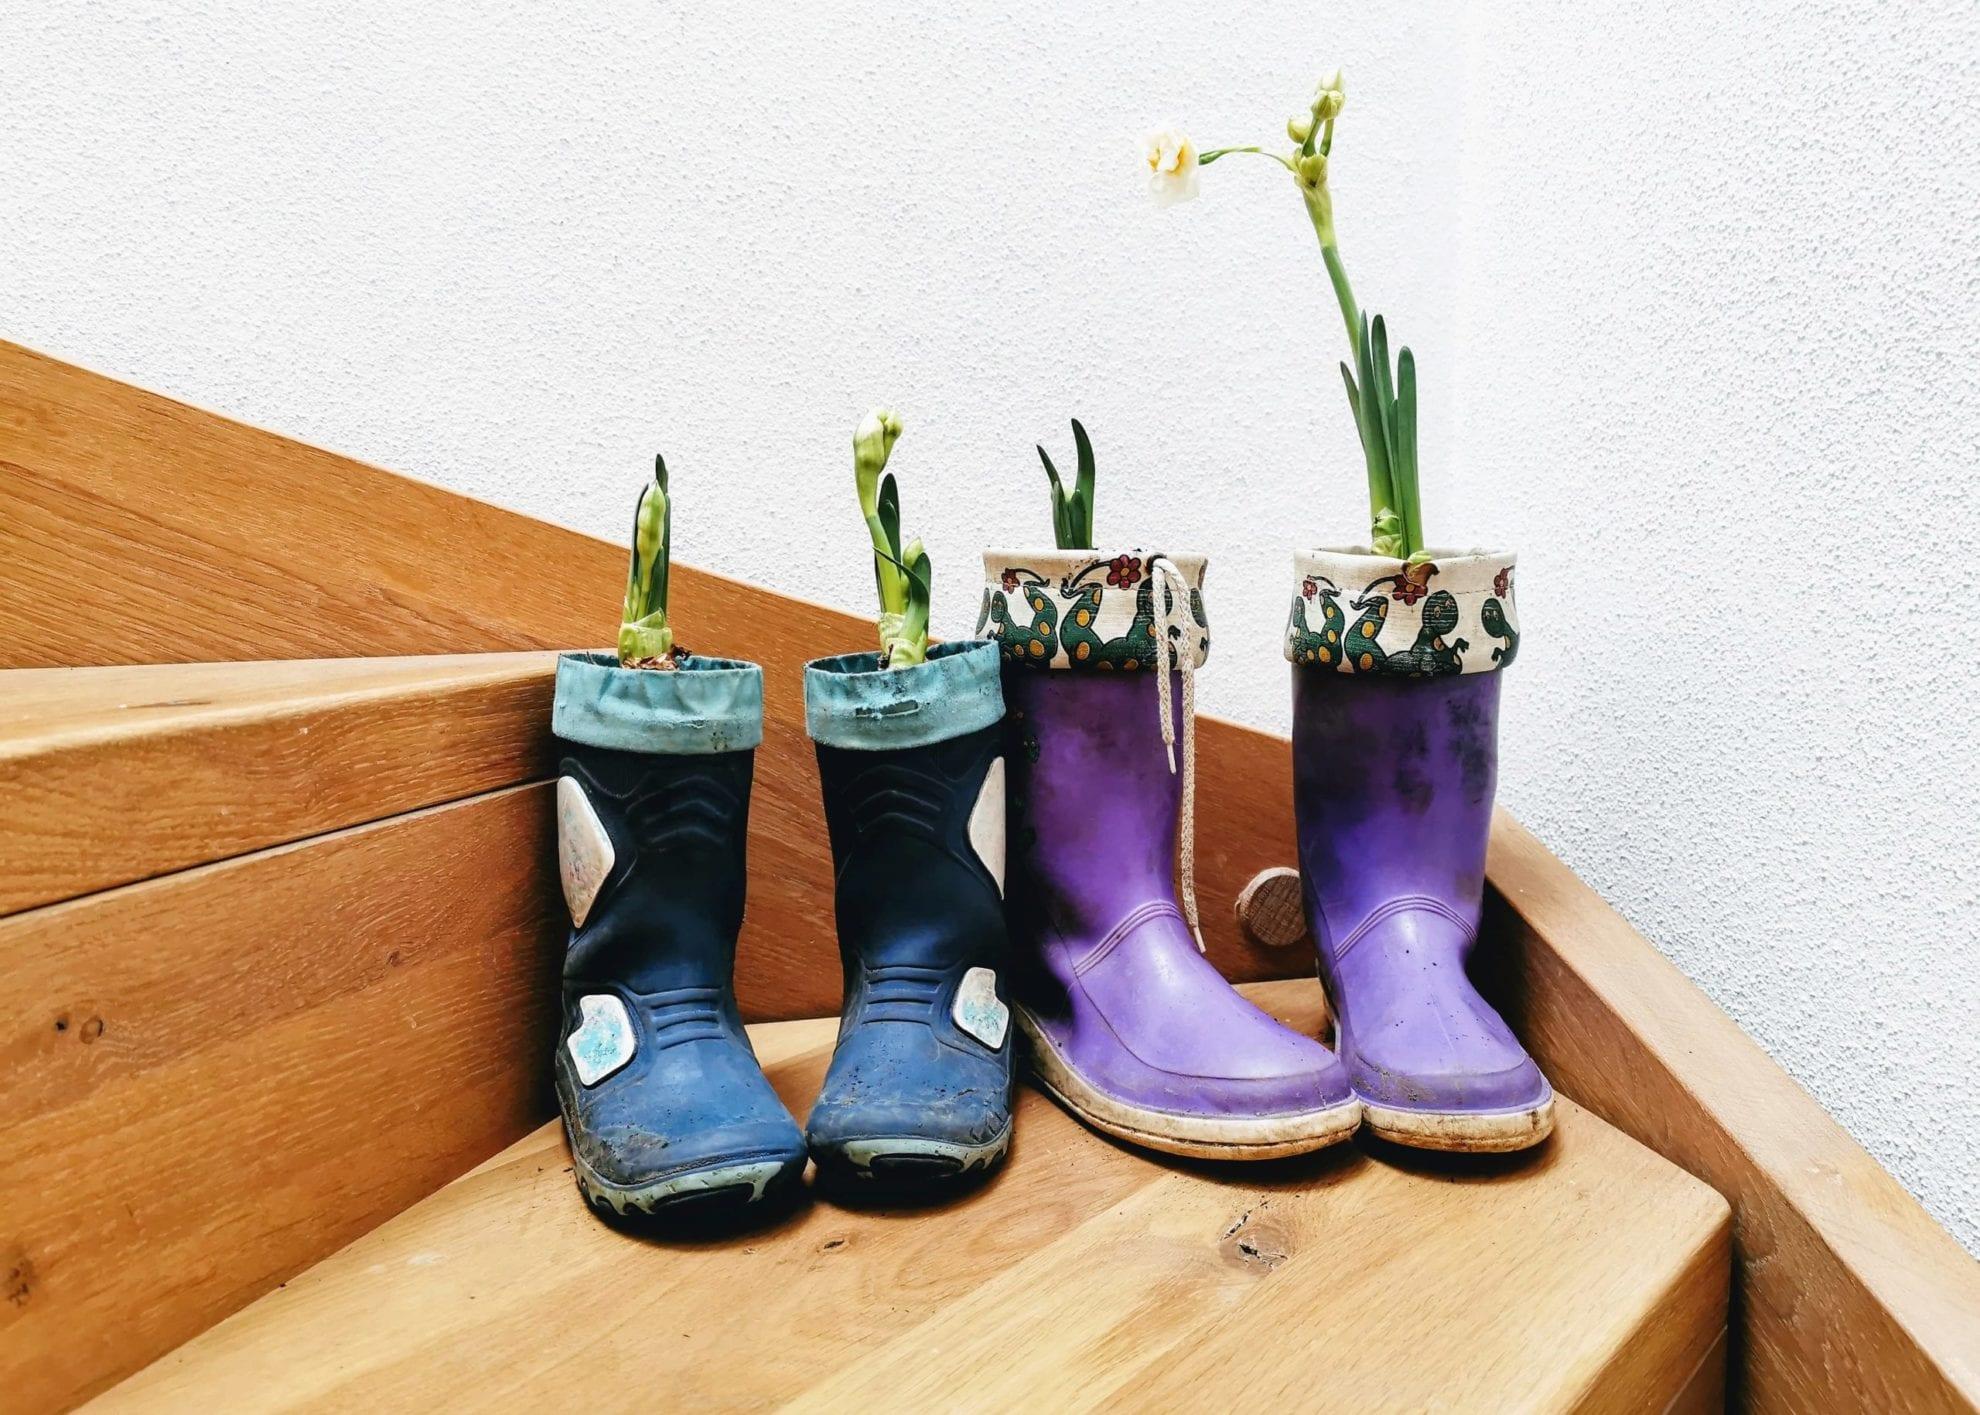 Gummistiefel Upcycling: mit Blumen bepflanzen und ein zweites Leben schenken. Ein einfaches DIY zum Basteln mit Kindern auf Puddingklecks